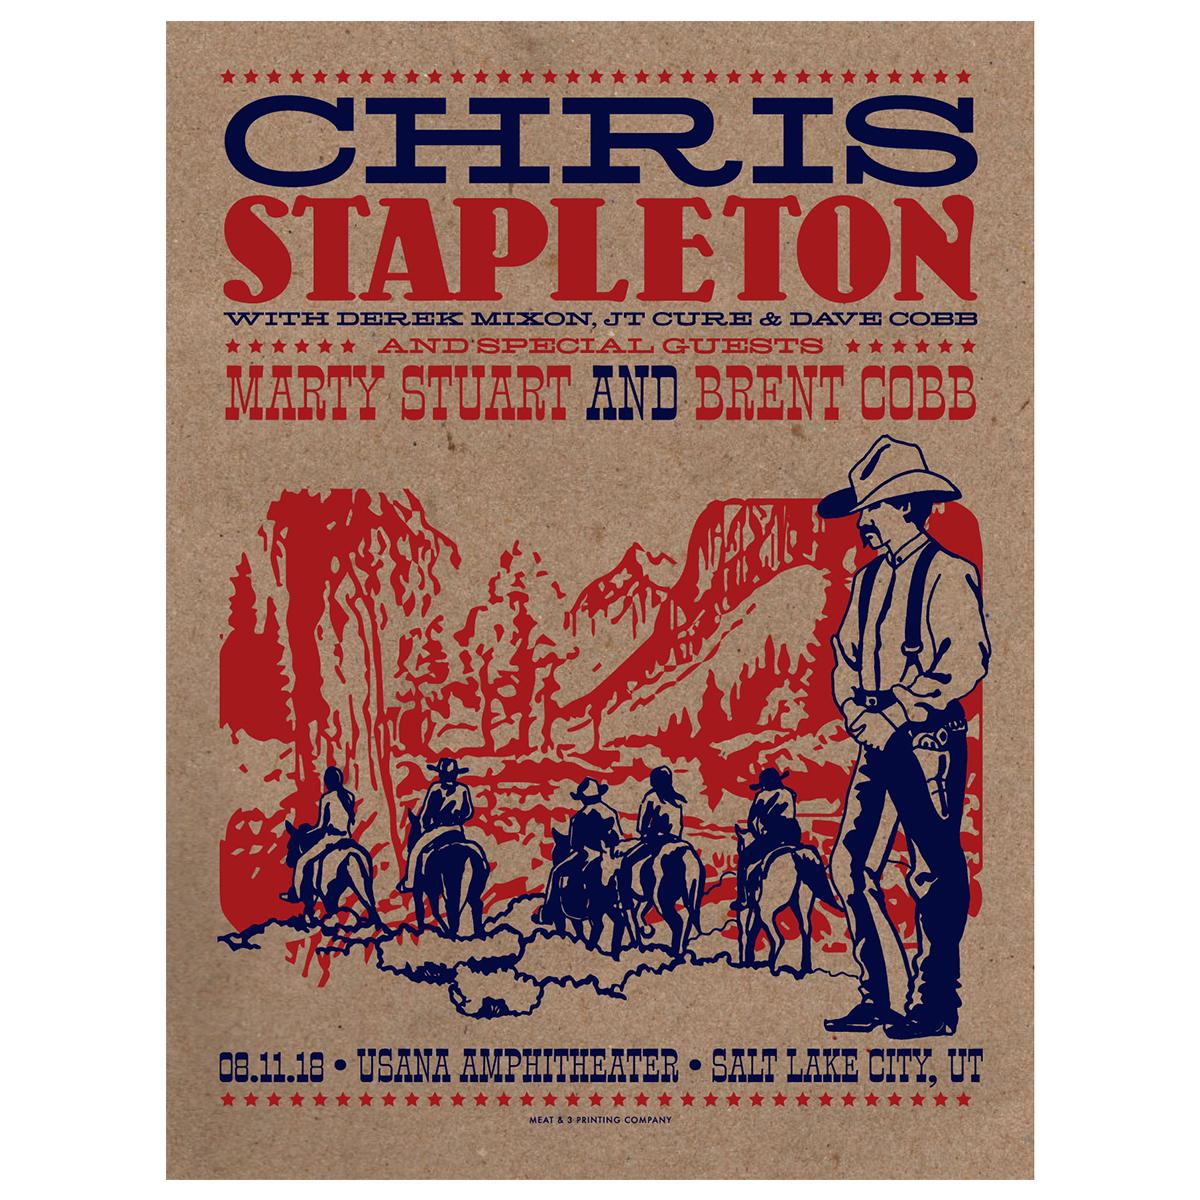 Chris Stapleton Show Poster – Salt Lake City, UT 8/11/18